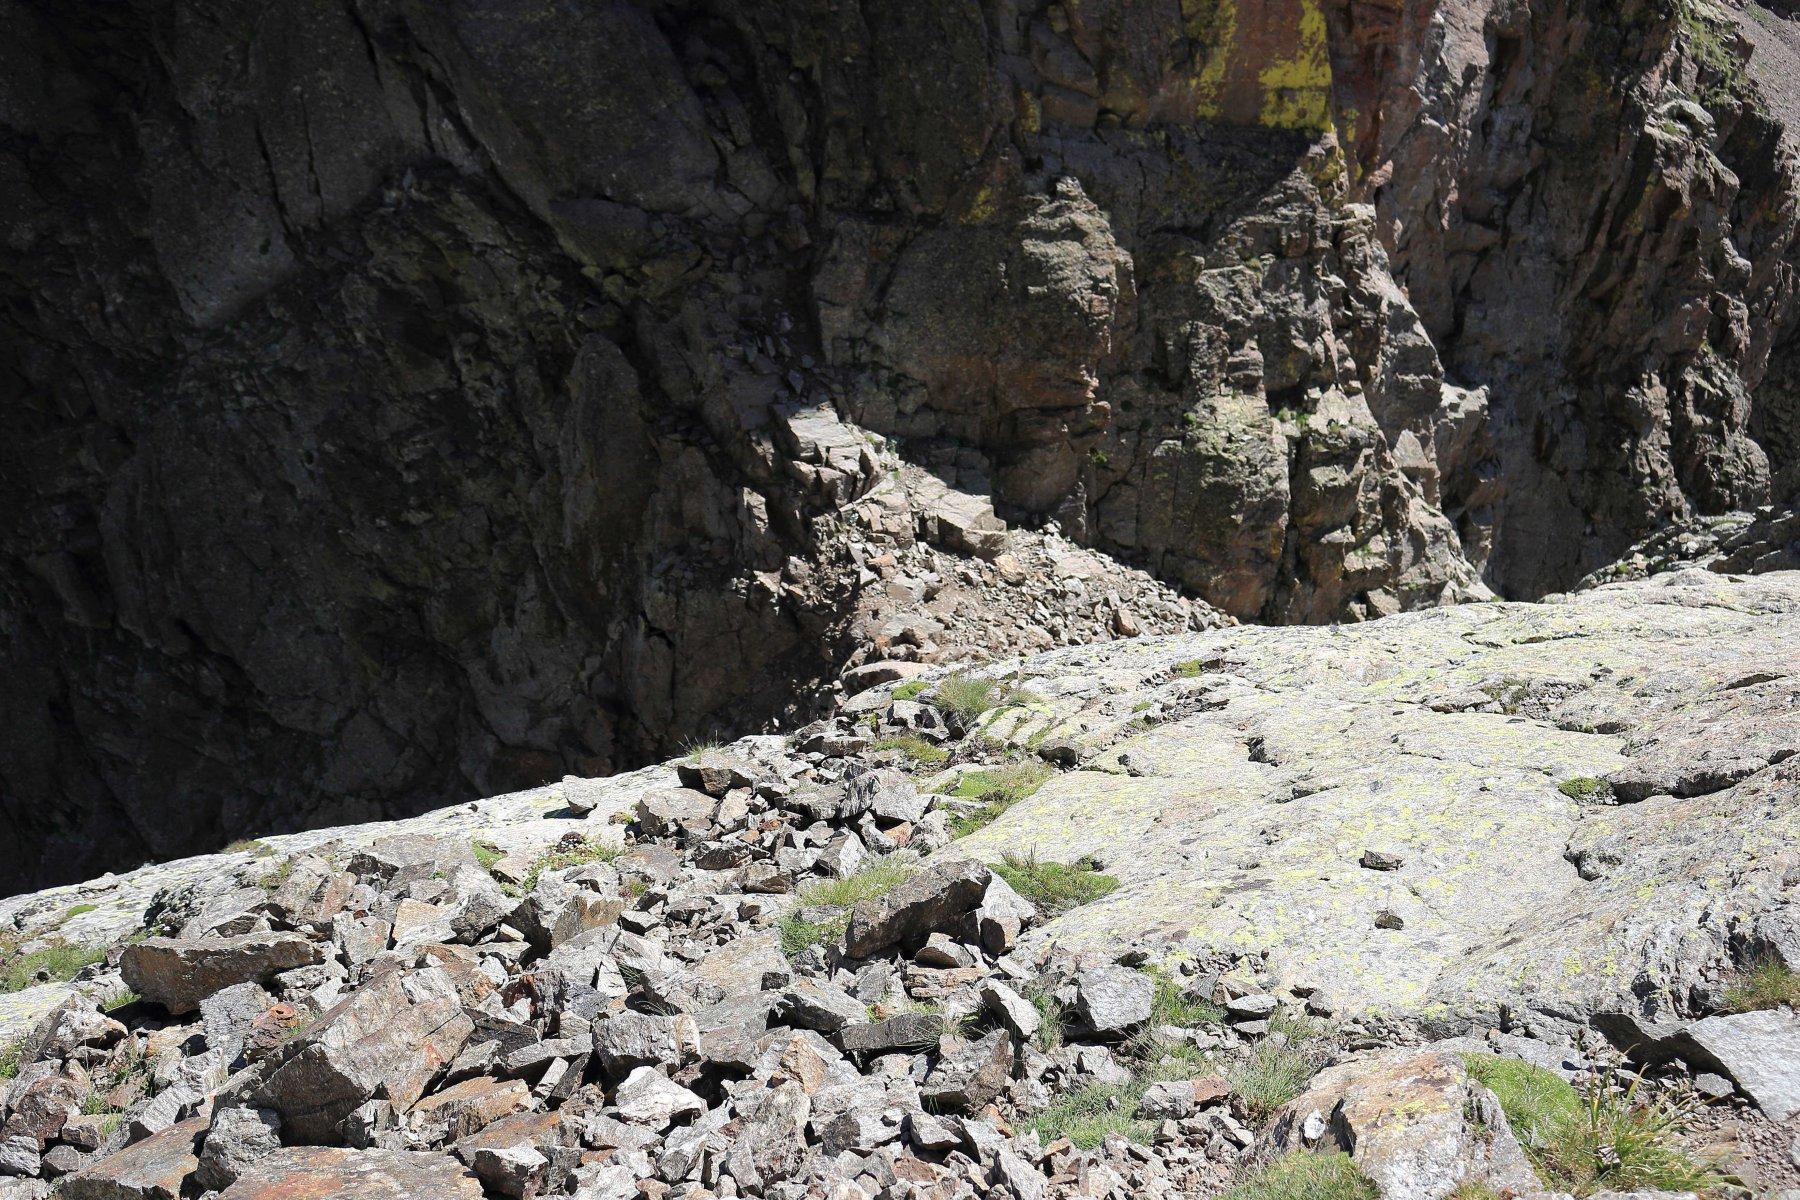 Lo stretto passo della marmotta visto dall'alto.